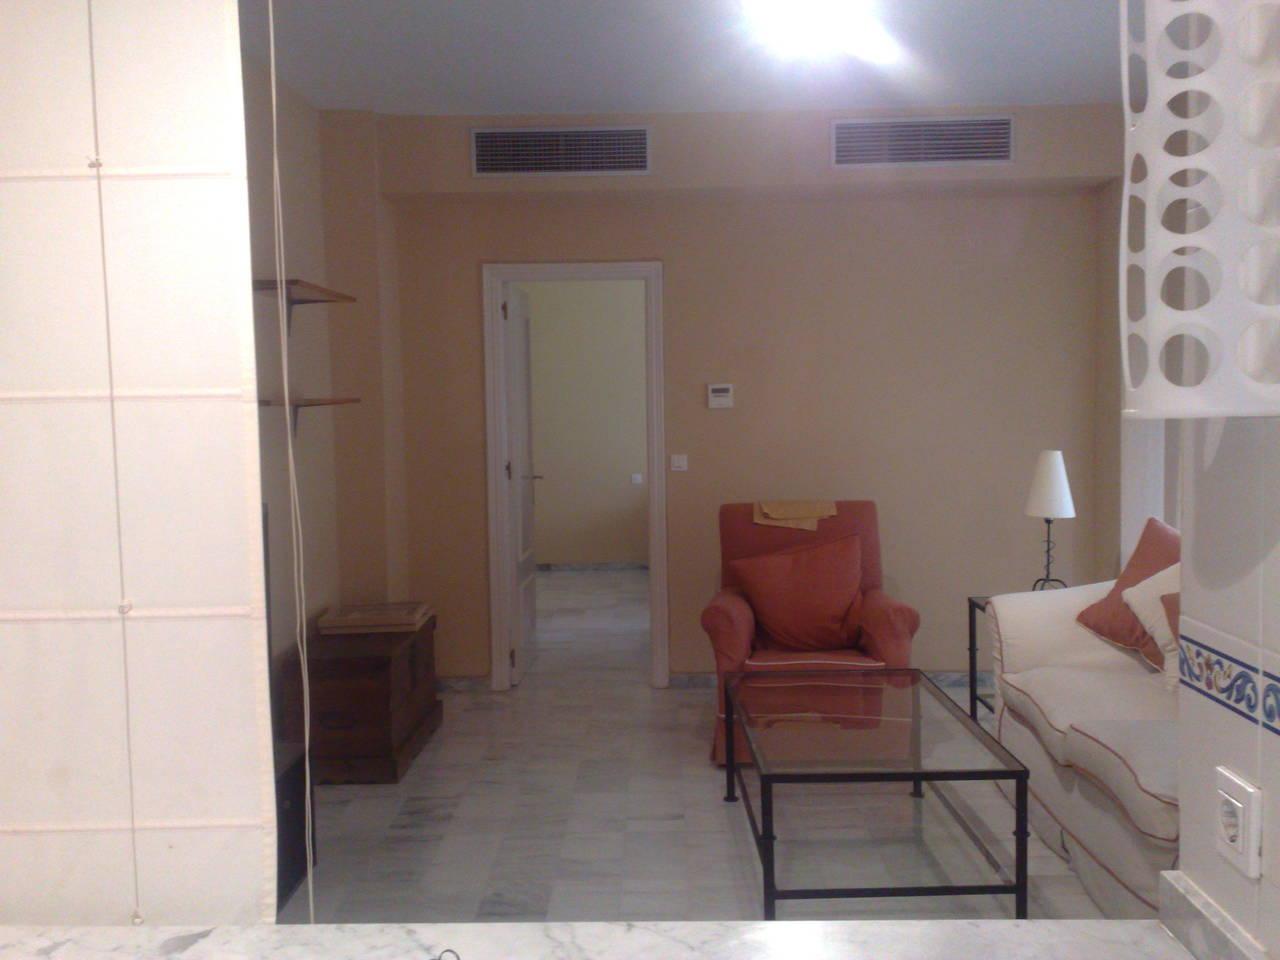 Alquiler piso en Triana, Pureza 34 - Carmen: 639.14.41.48  - Foto 4